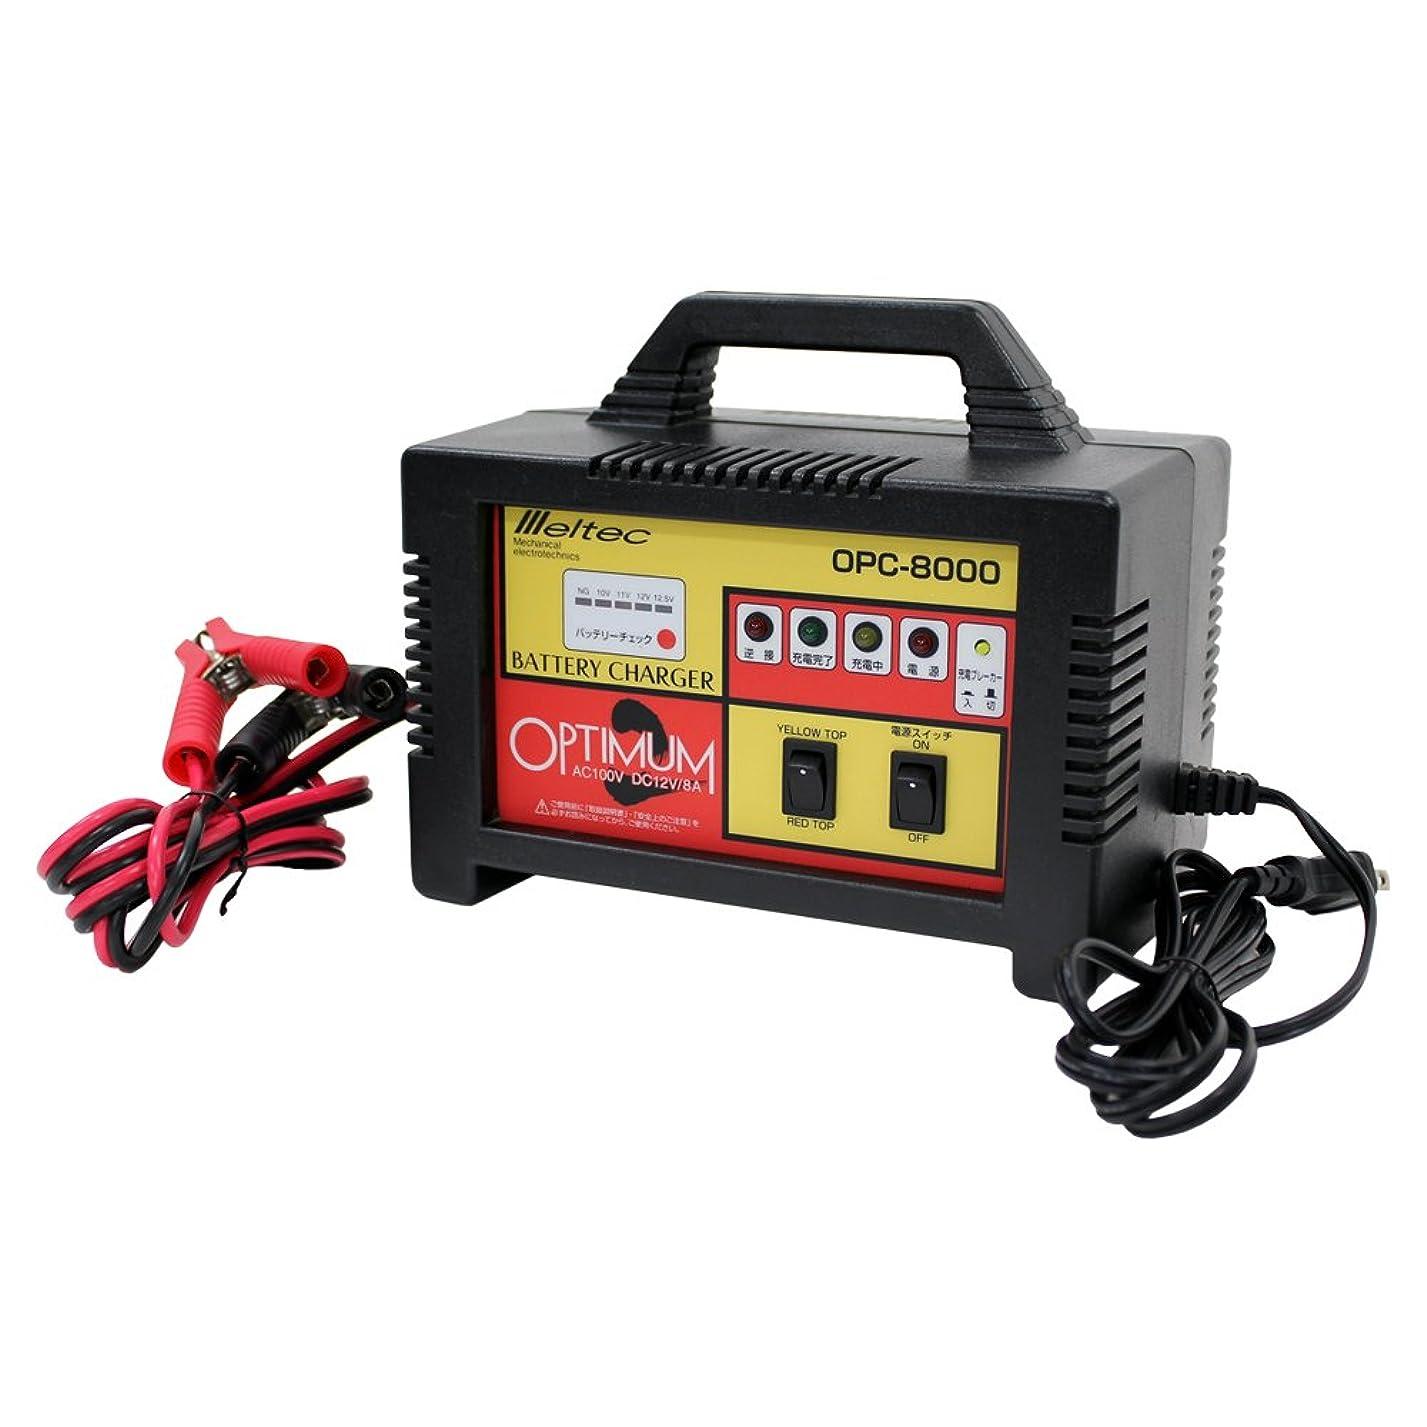 追うシマウマチョップメルテック バッテリー充電器 オプティマ専用 定格8A イエロートップ/レッドトップ切替スイッチ付 OPC-8000